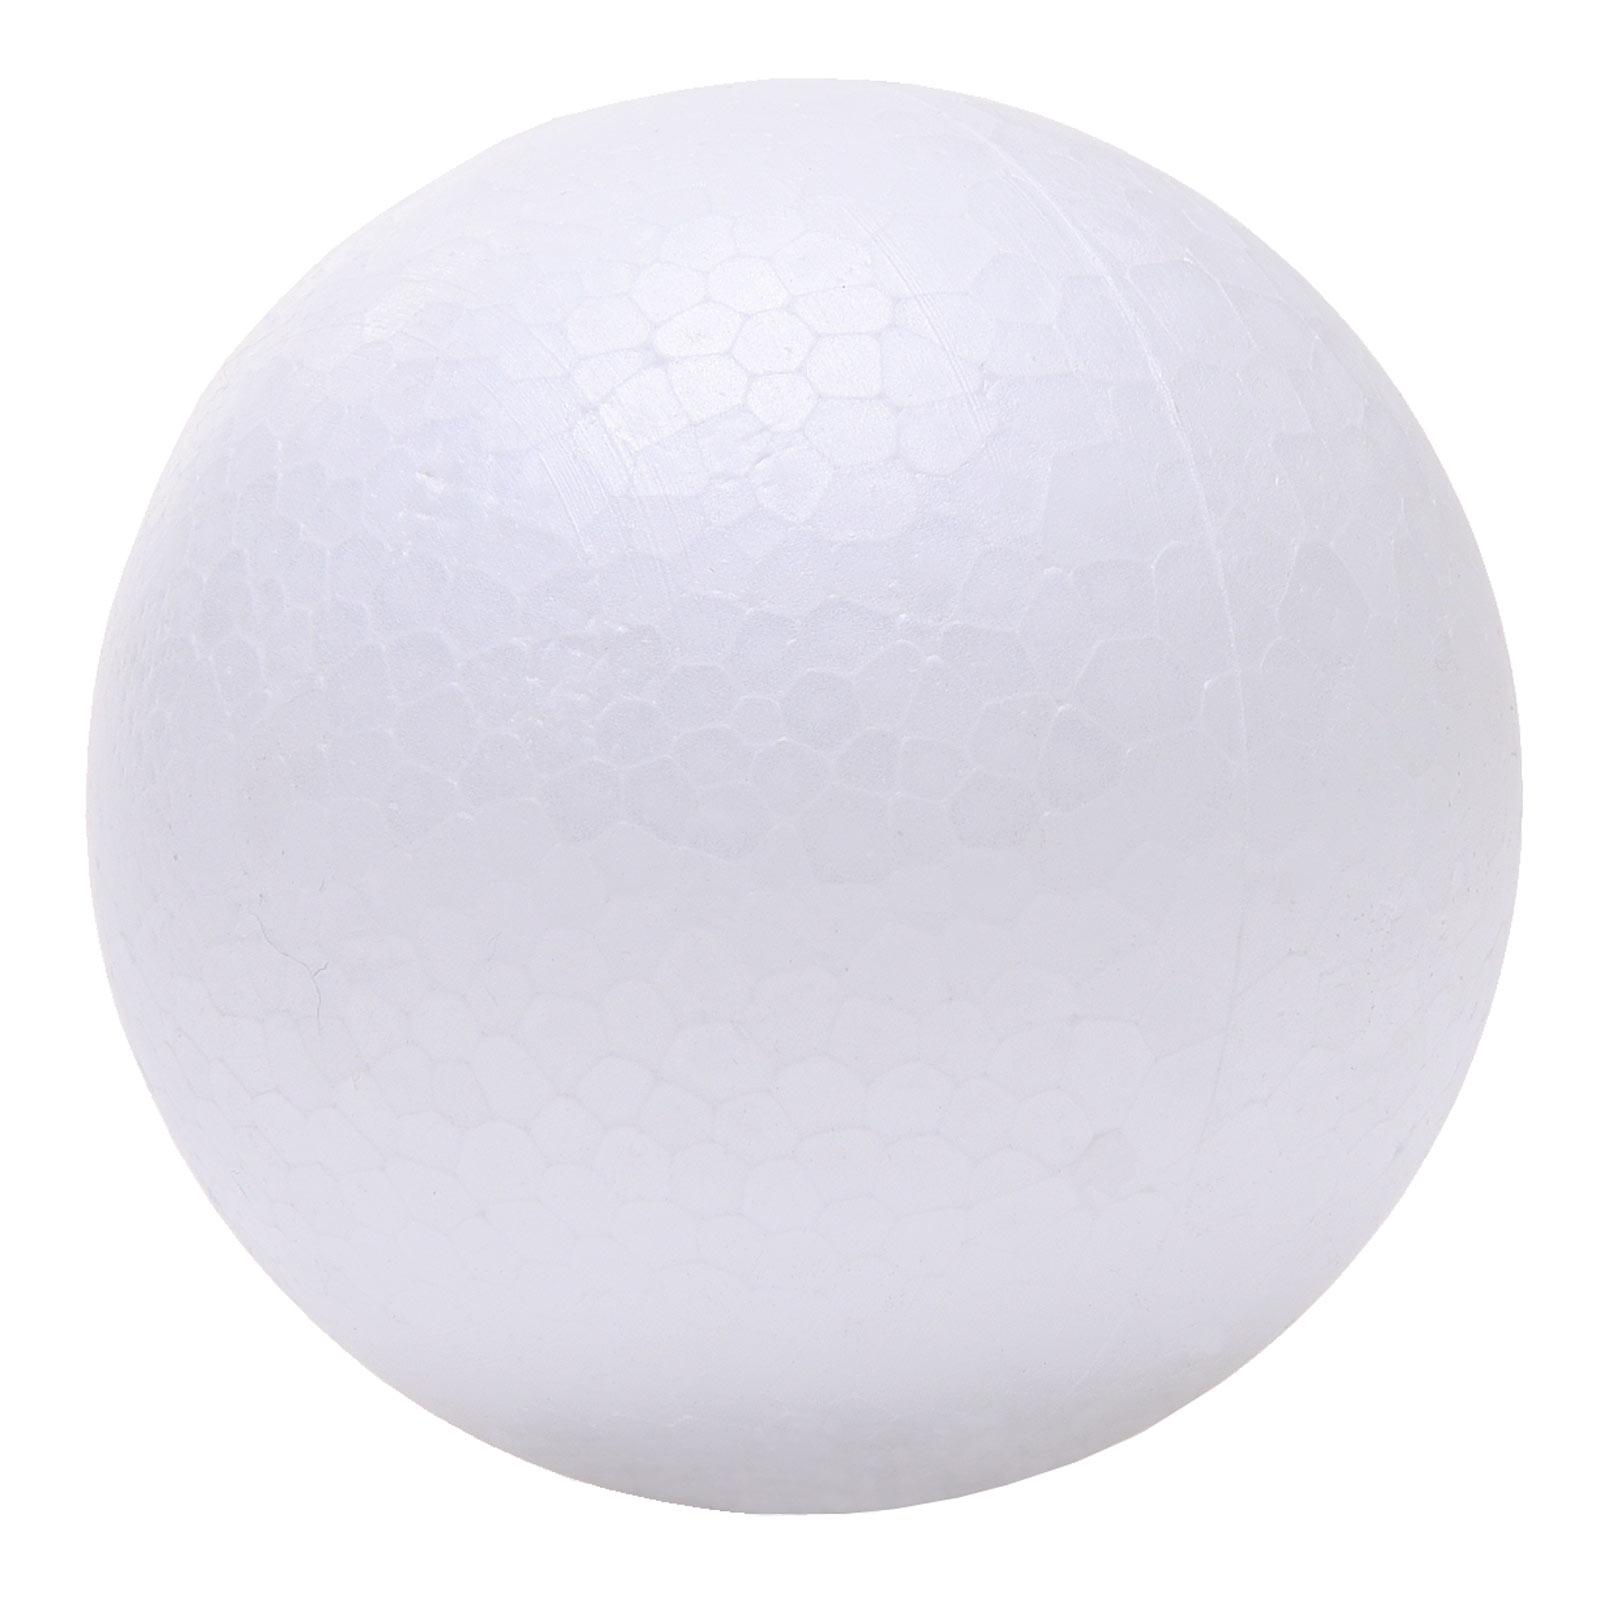 Solid Polystyrene Styrofoam Balls